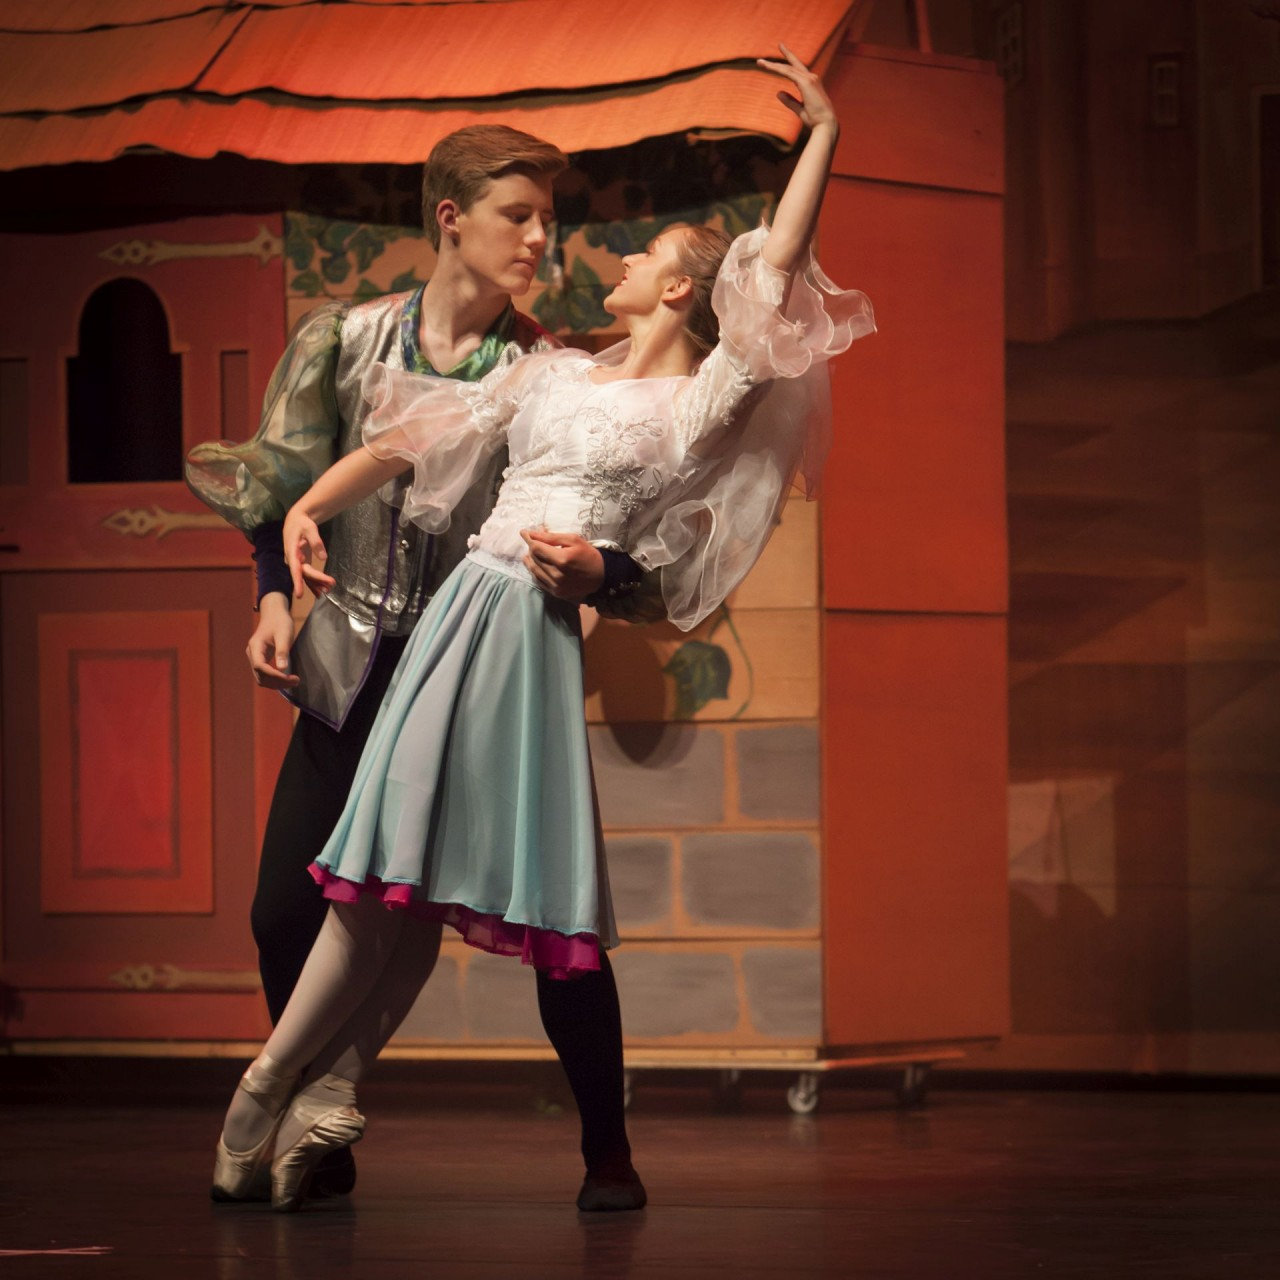 dansen ballet van den Ende (14 van 17)